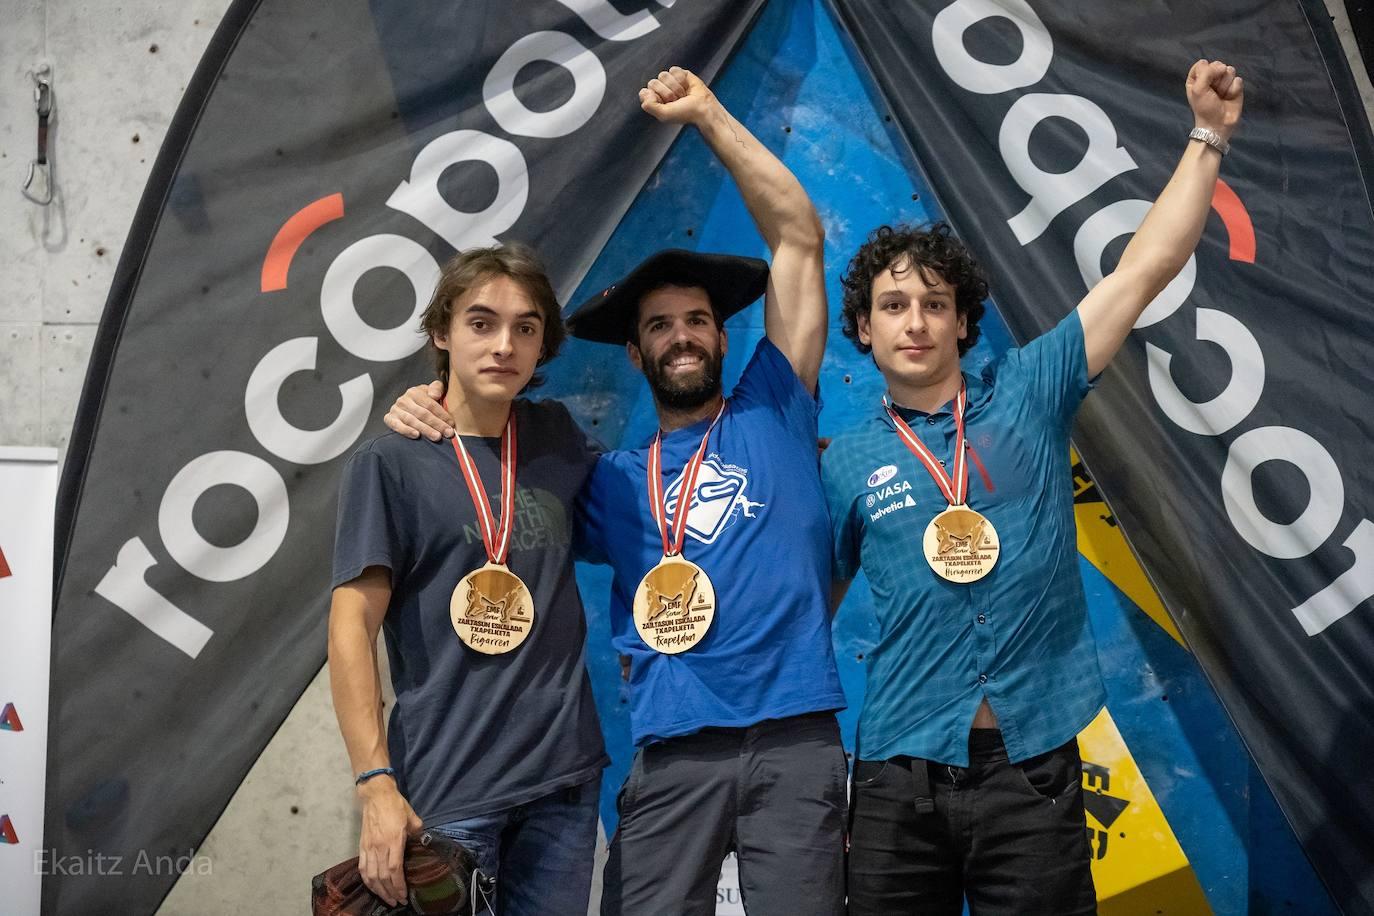 Irati Zabala, Gorka Ruiz e Iñaki Arantzamendi, campeones de Euskal Herria de escalada